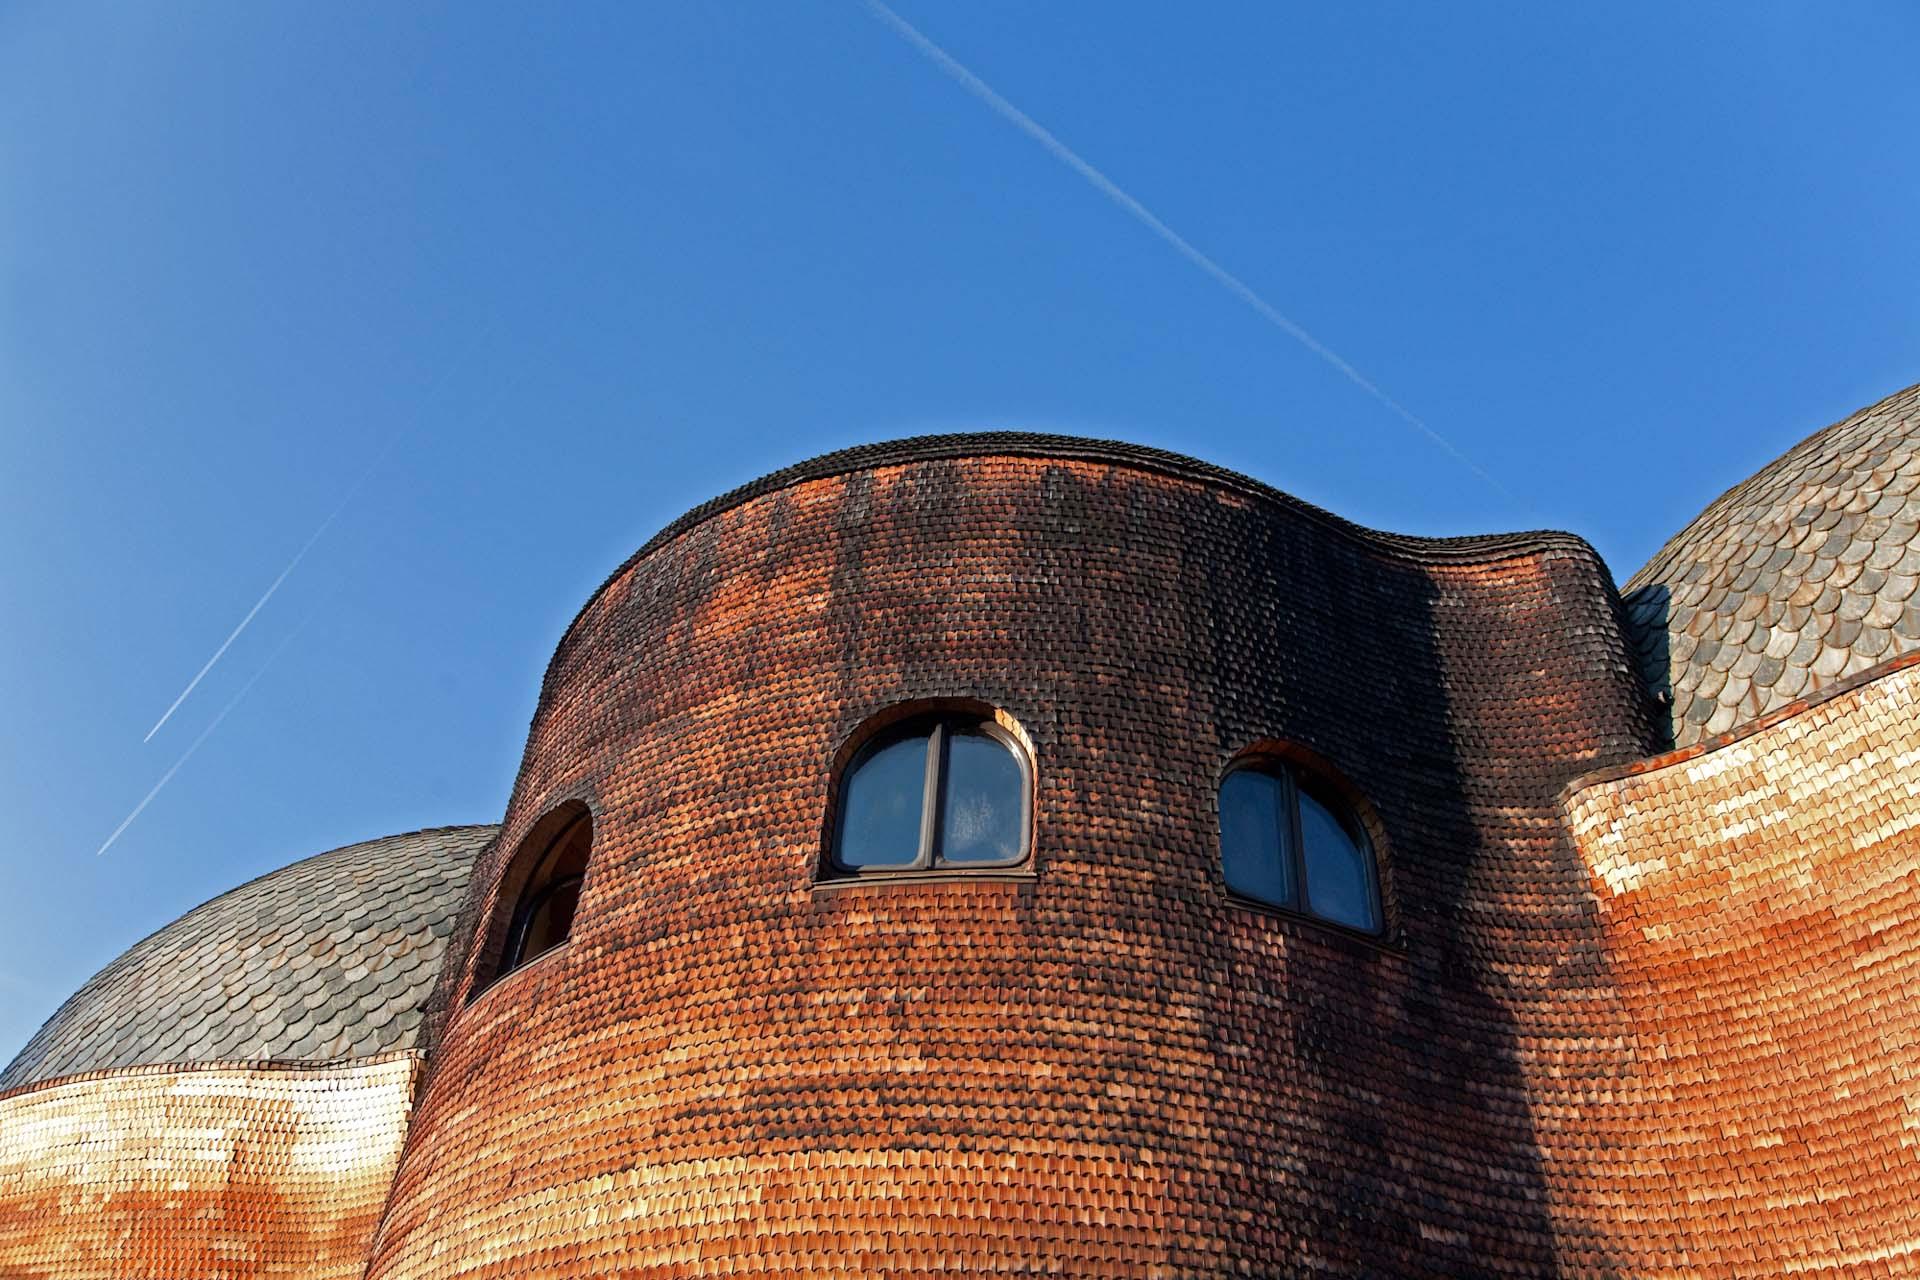 Das hölzerne Glashaus gehört zu den frühen Bauten und verkörpert den Baustil des ersten Goetheanum – dort wurden die Glasfenster geschliffen. Es besteht aus zwei schindelbedeckten Kuppeln, mit einer kleinen Terrasse dazwischen – The wooden Glass House consists of two shingle-covered domes, with a small terrace in between.